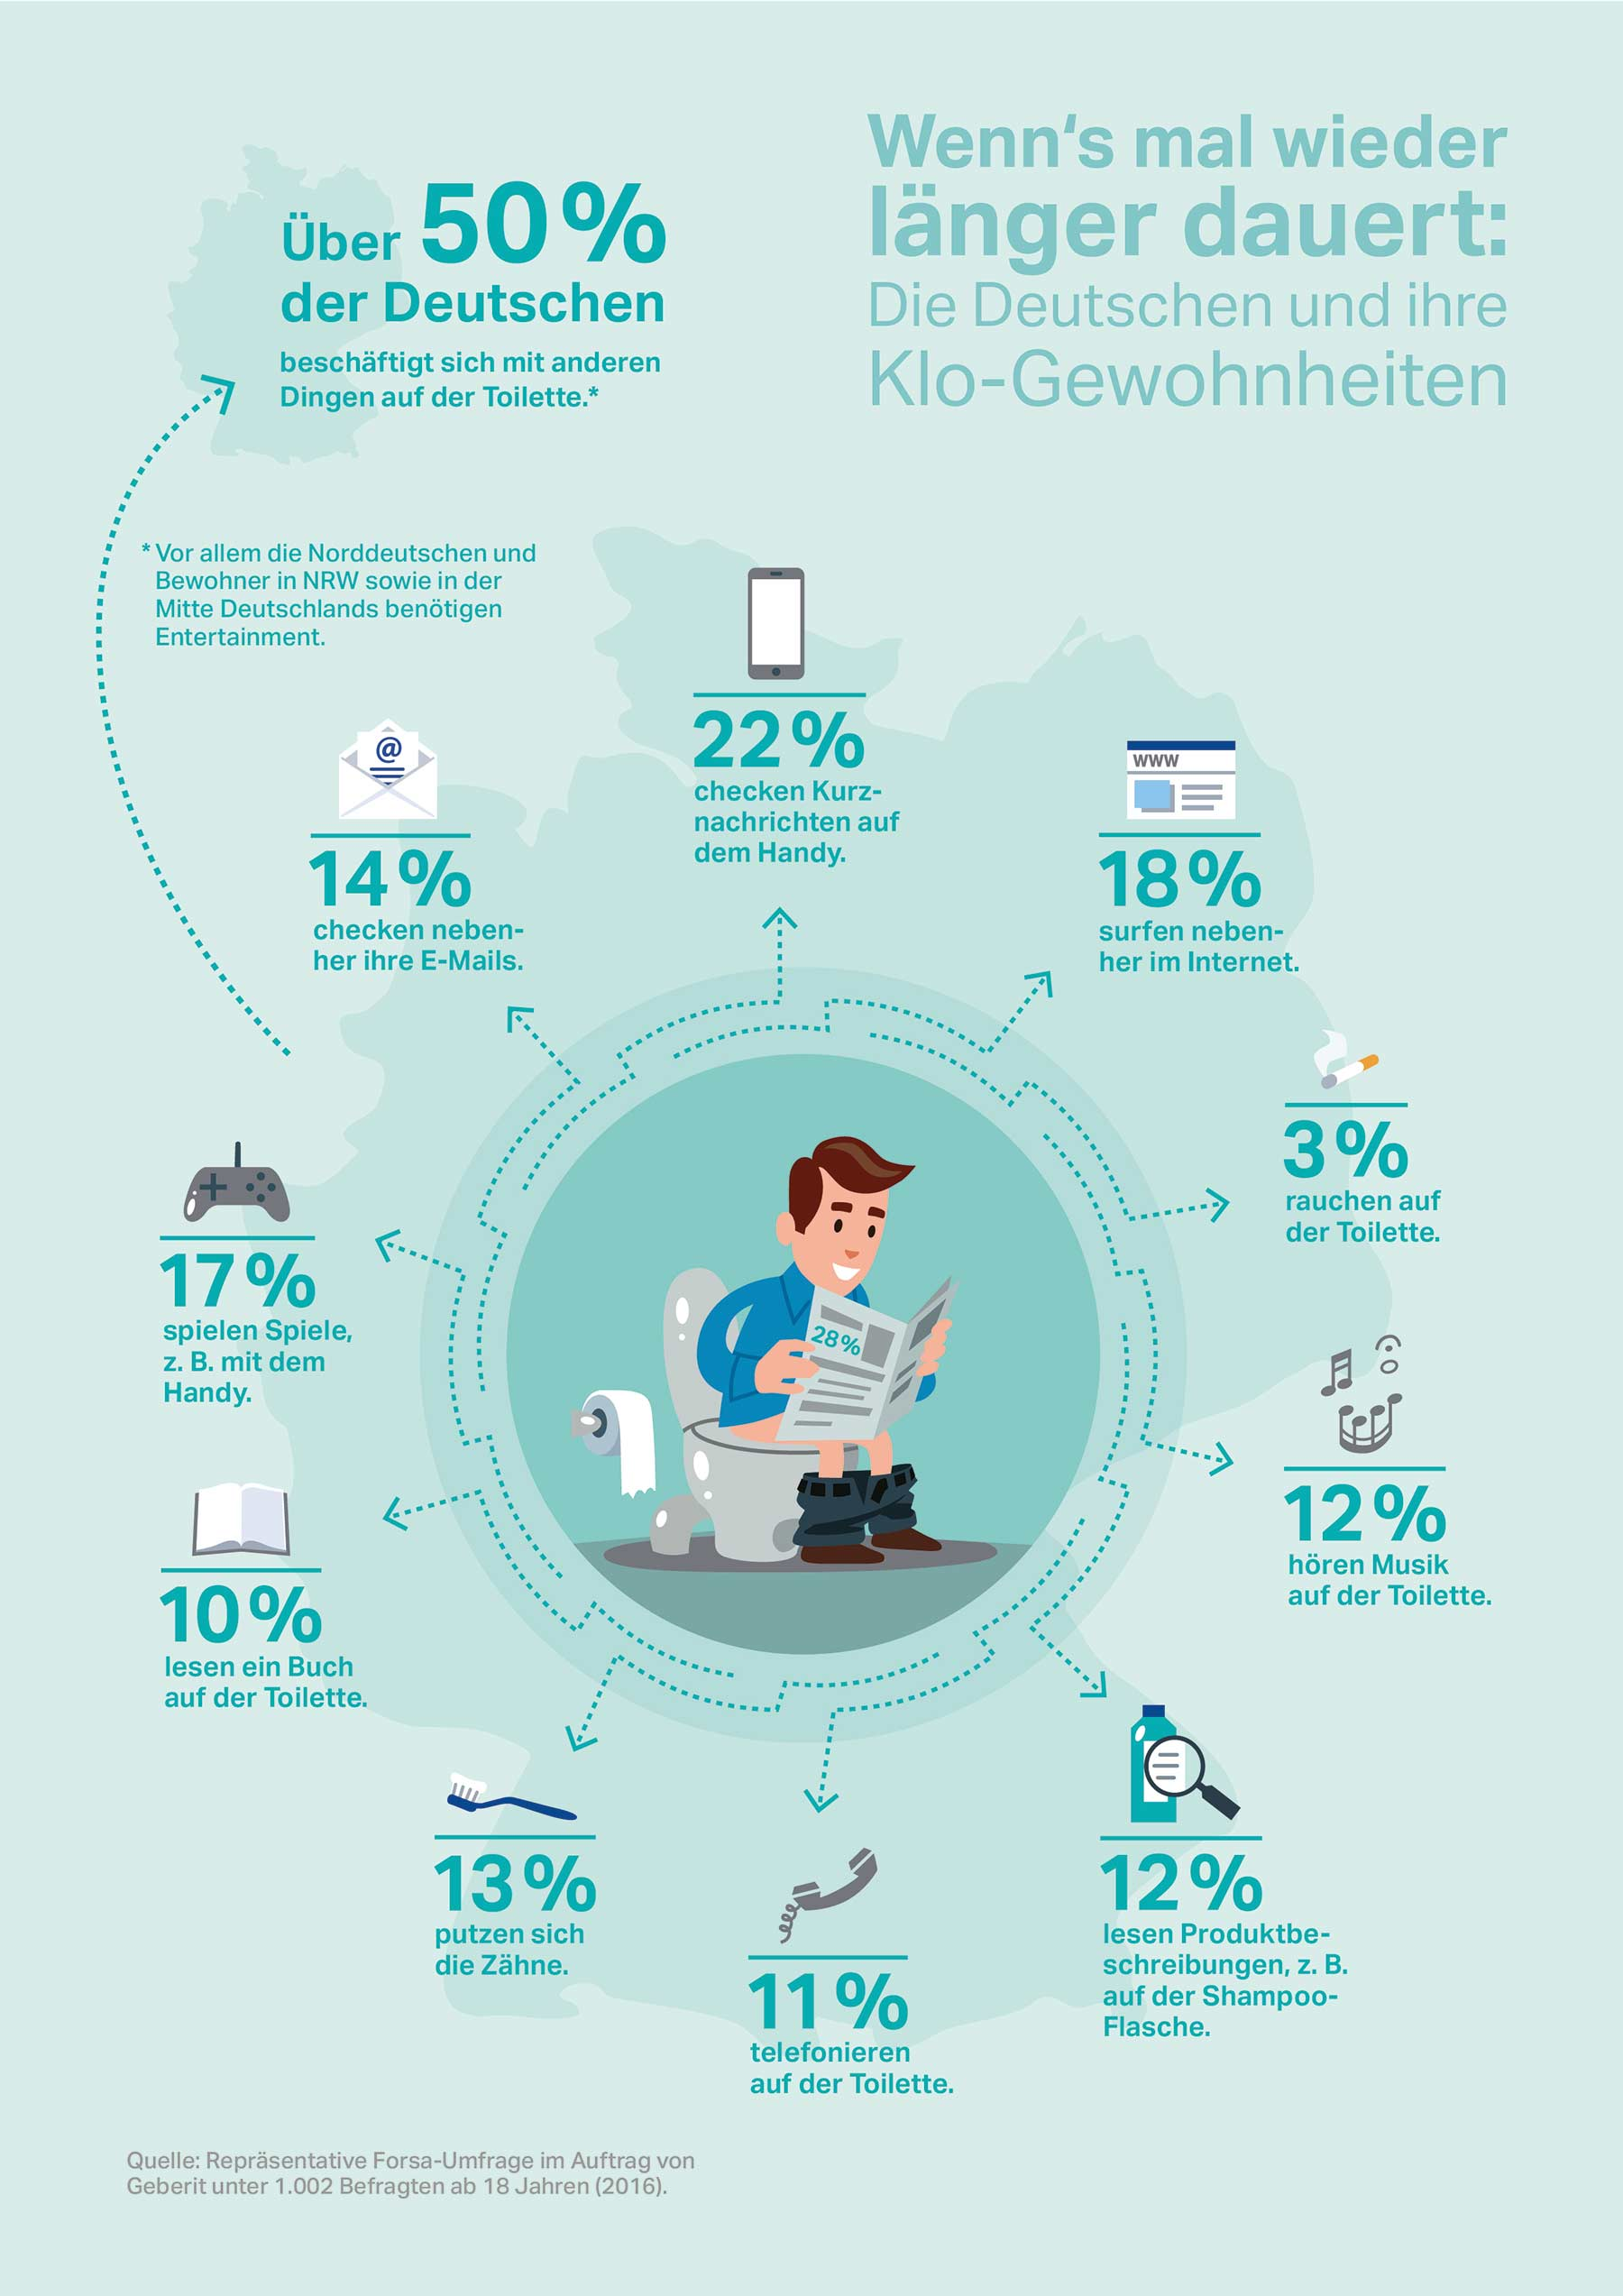 Das machen die Deutschen bei Langeweile auf dem Klo Geberit_toilette_Infografik_01